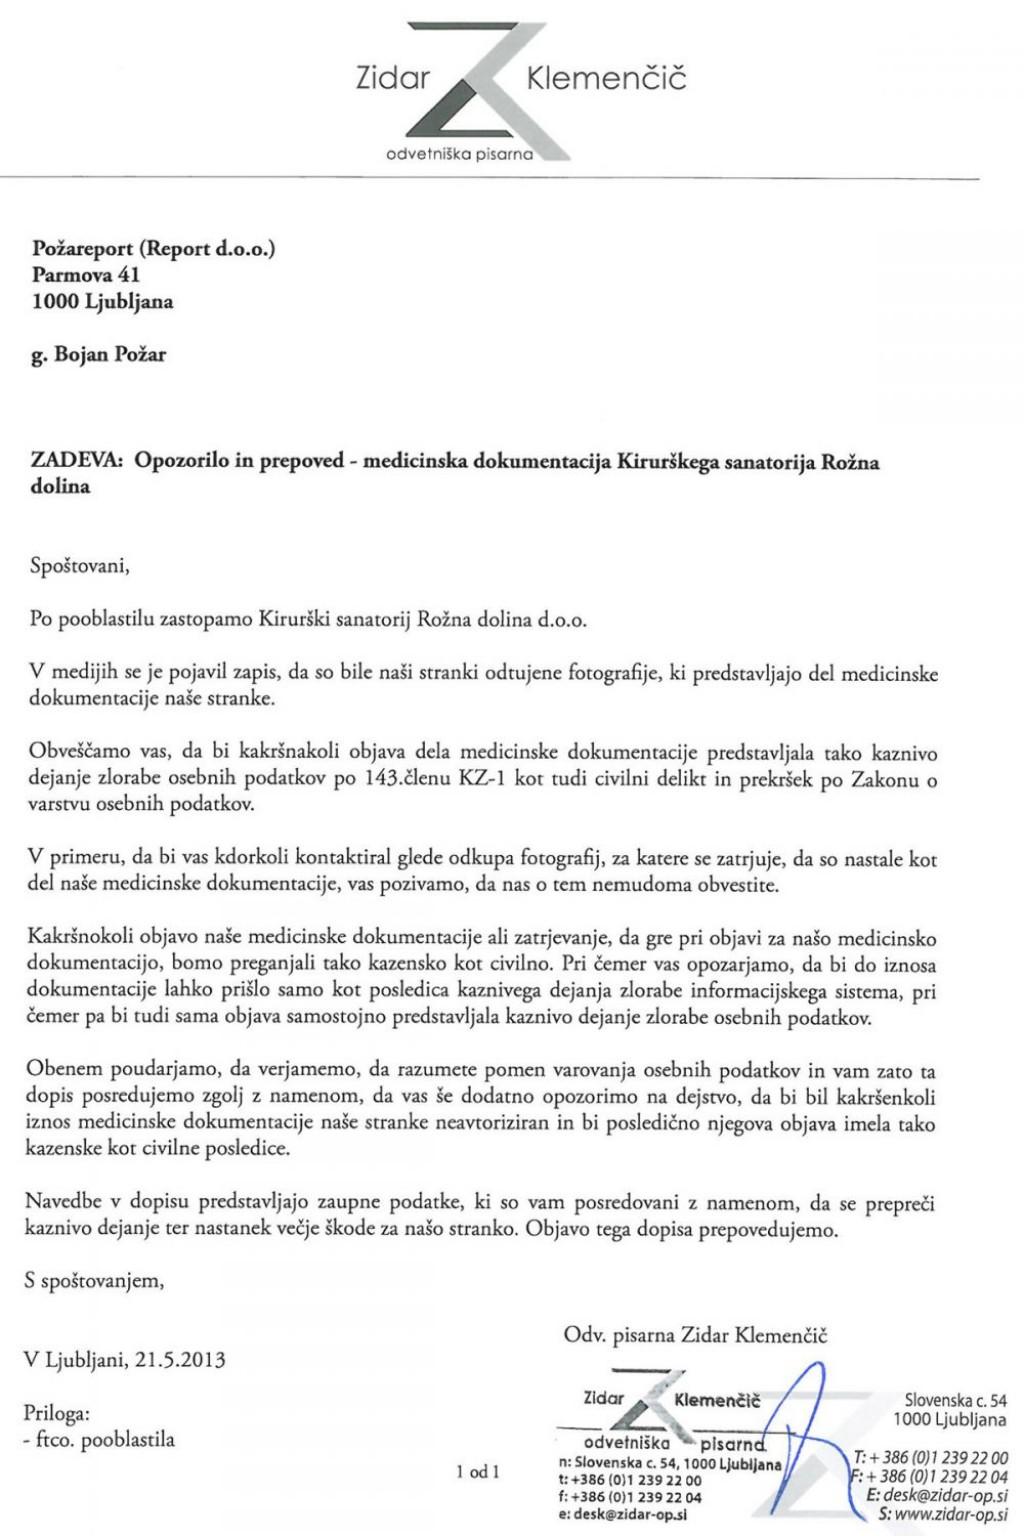 Dopis odvetnice Nine Zidar Klemenčič, ki so ga včeraj dobili nekateri mediji. Malo pred tem dopisom smo prejeli tudi šest fotografij Tanje Ribič med operacijo v Kirurškem sanatoriju.<br>